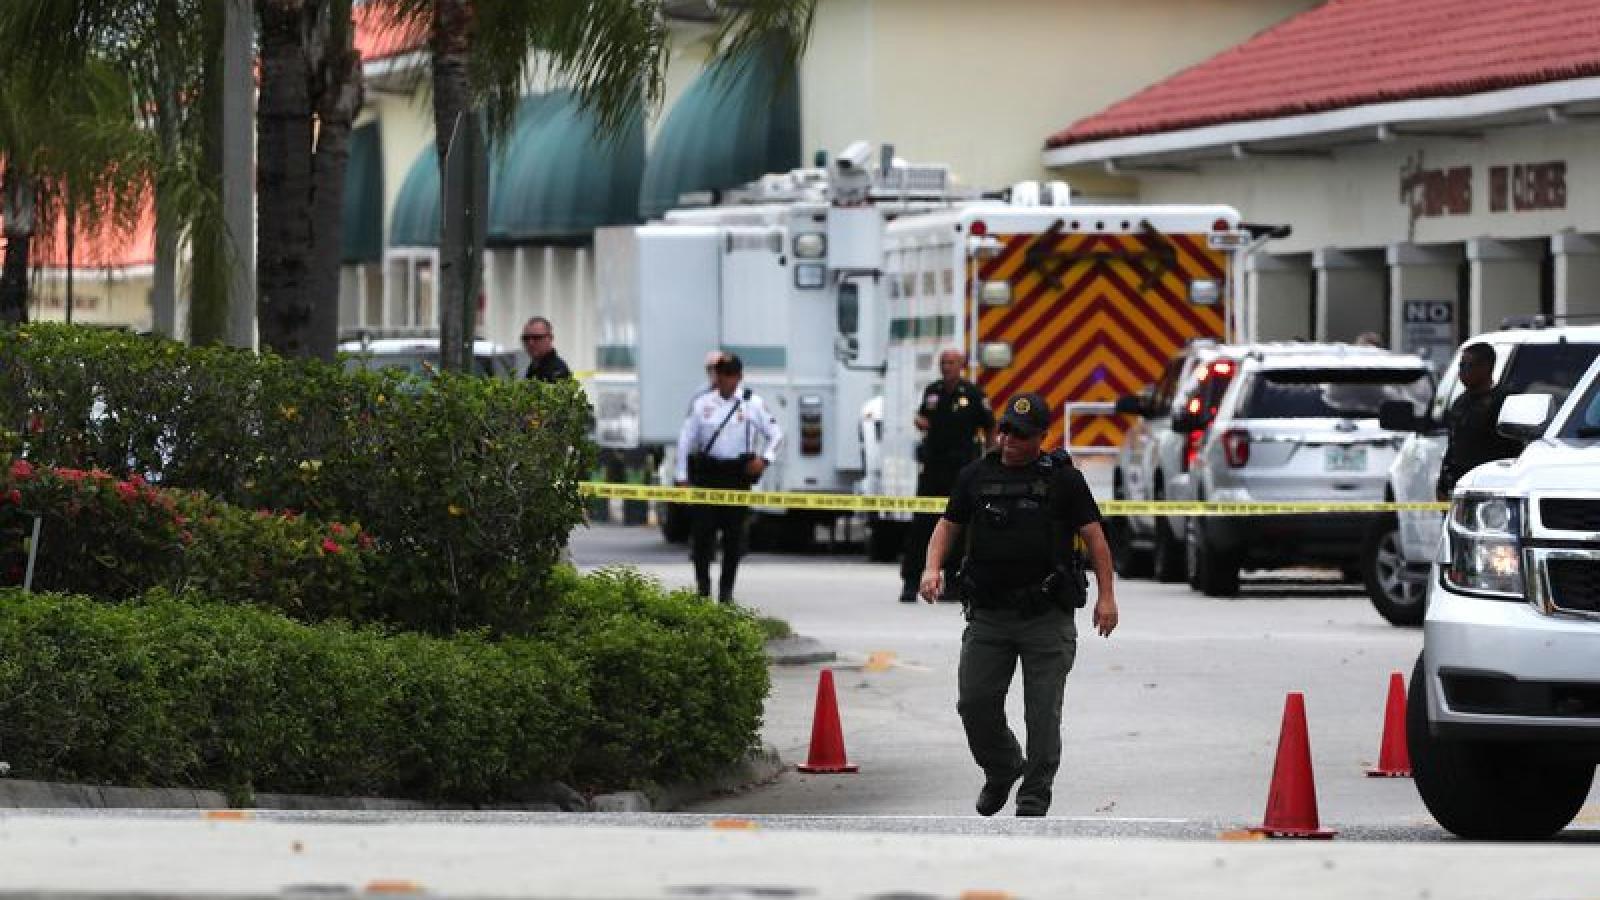 Xả súng tại siêu thị ở Mỹ khiến 3 người chết